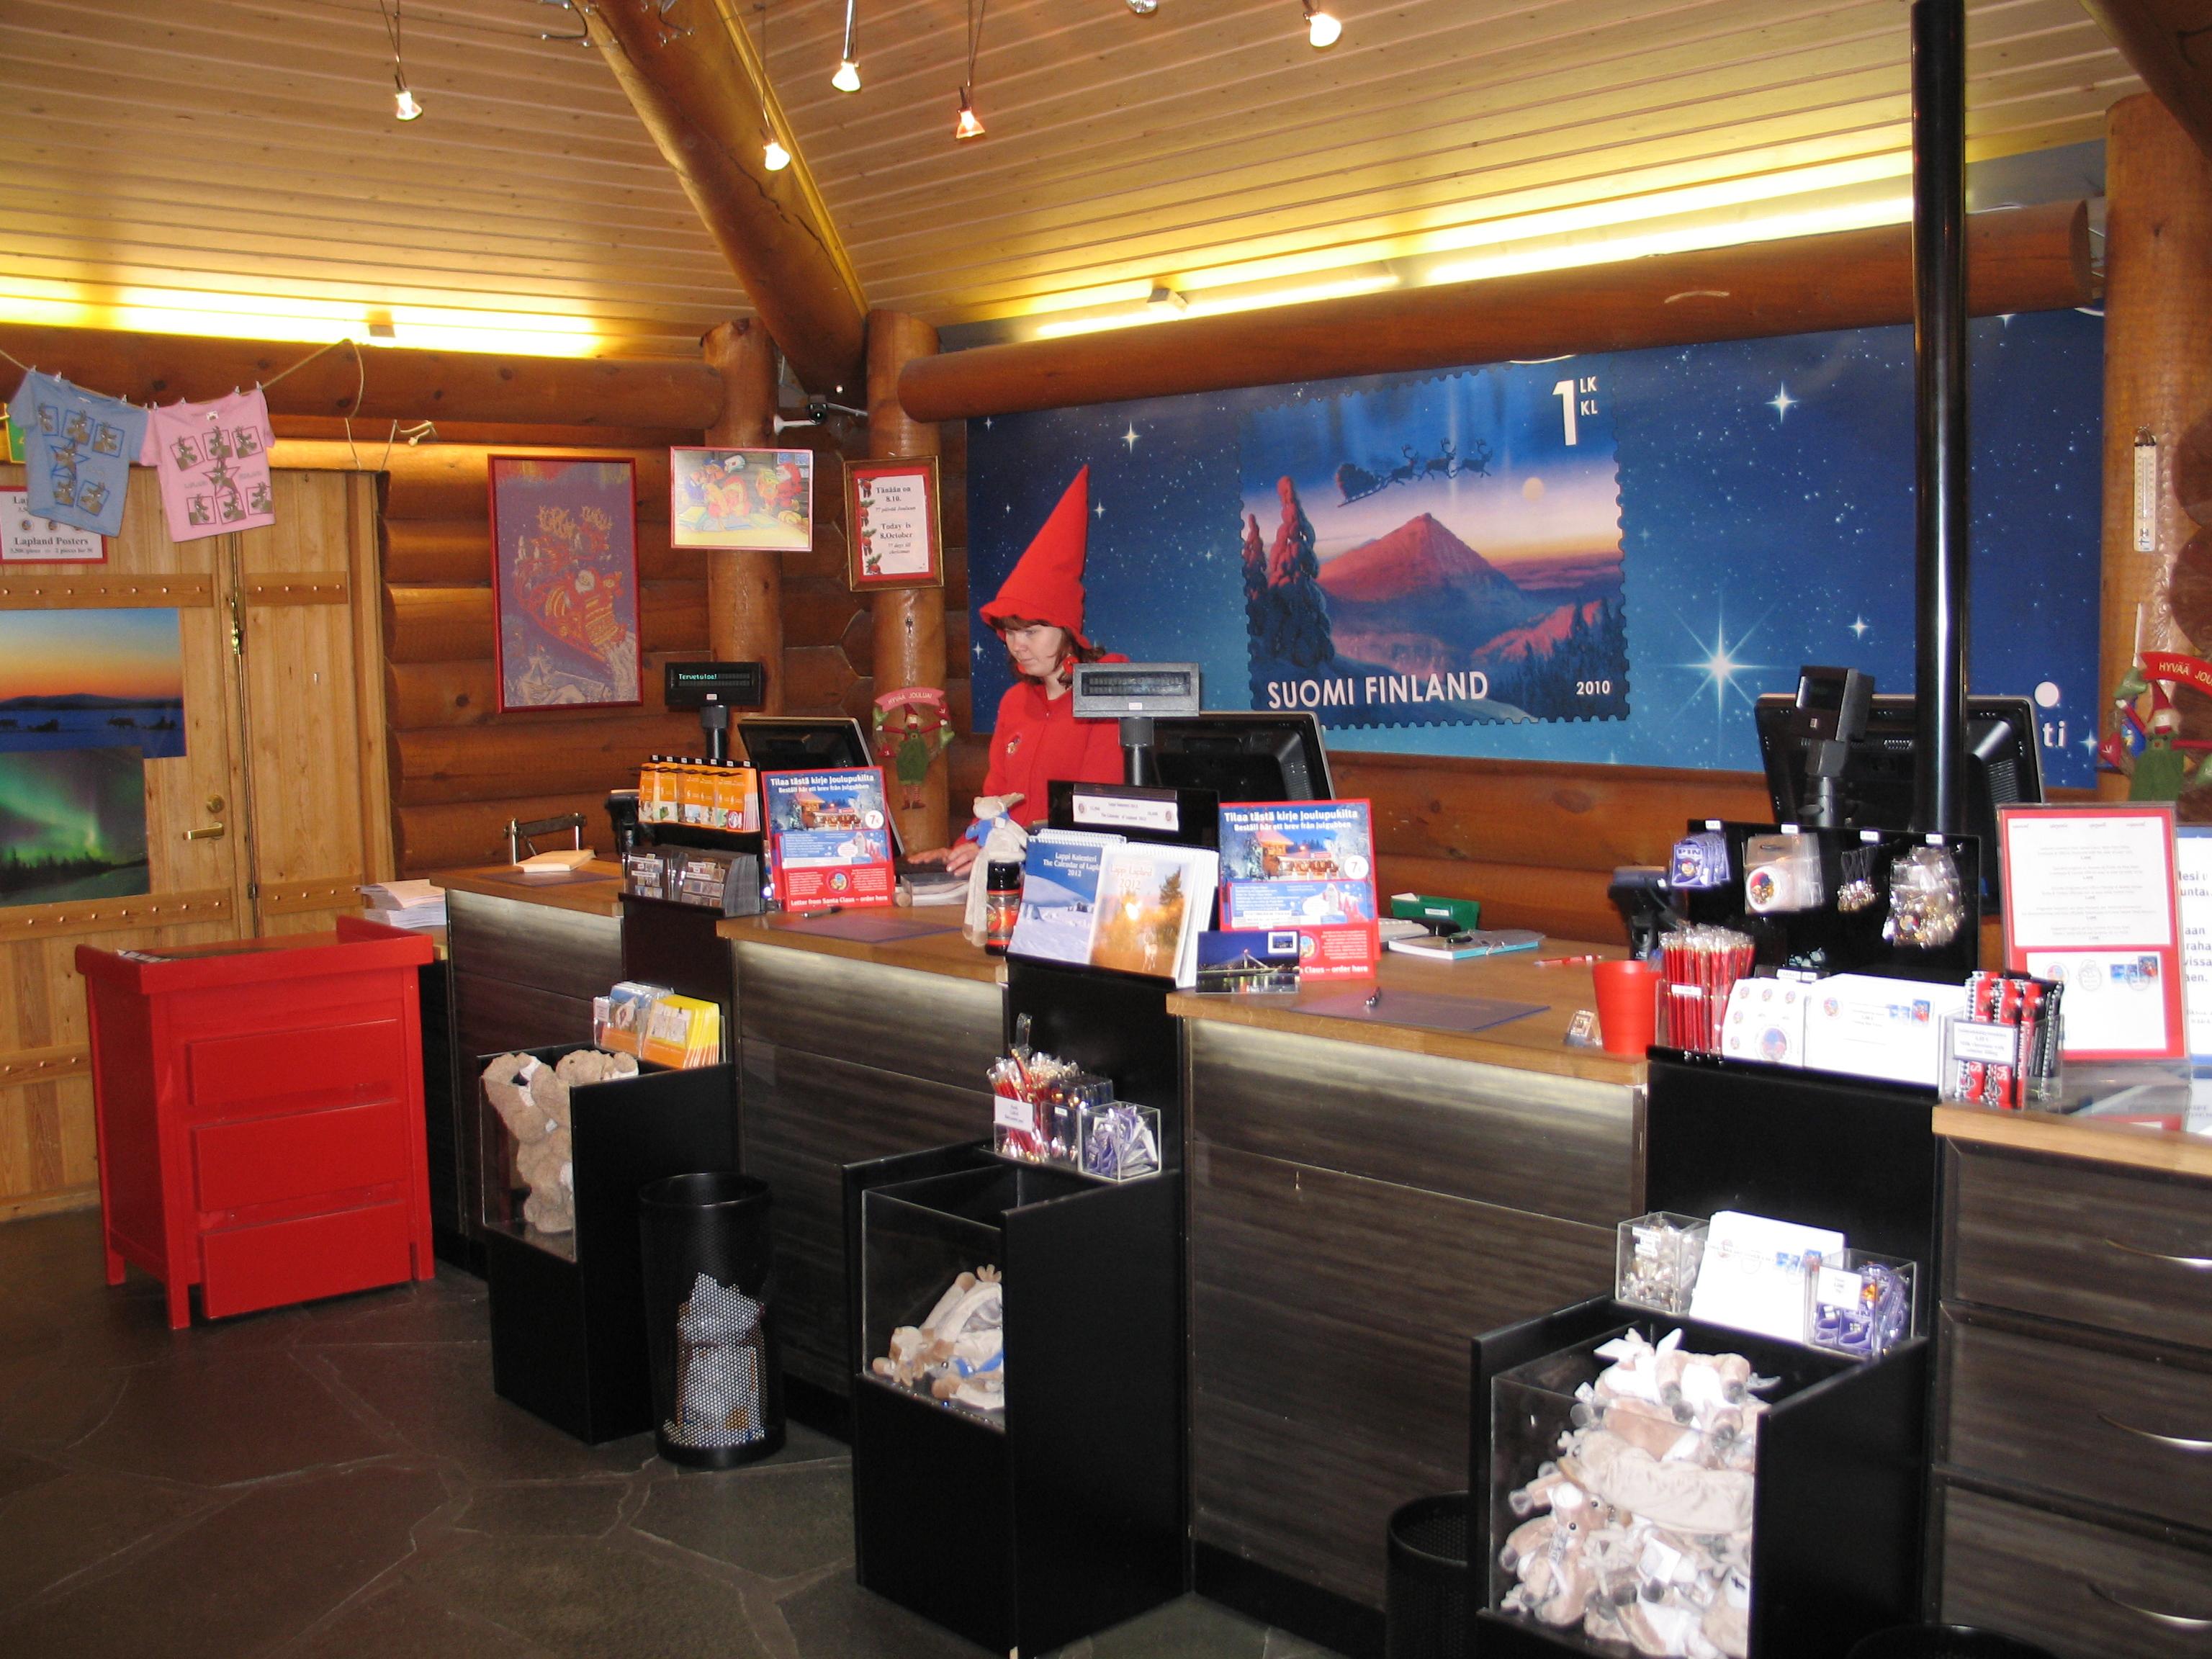 Hauptpostamt vom Weihnachtsmann in Rovaniemi